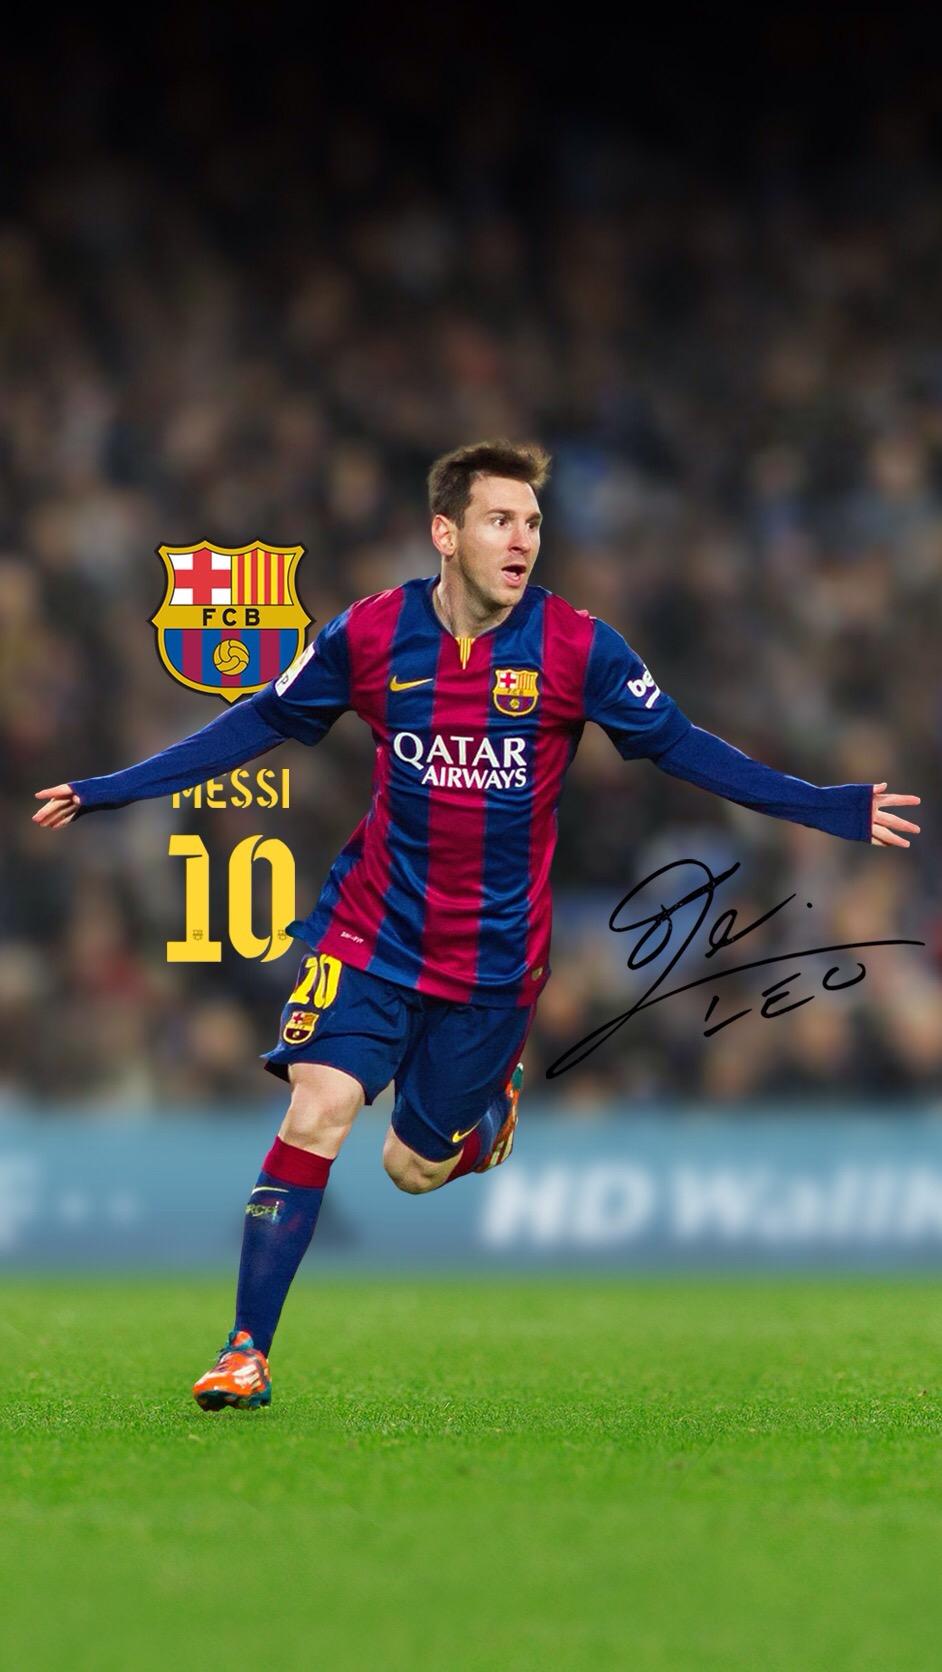 足球明星富二代_世界明星联队对西班牙明星联队足球_吃空姐大便门富2代